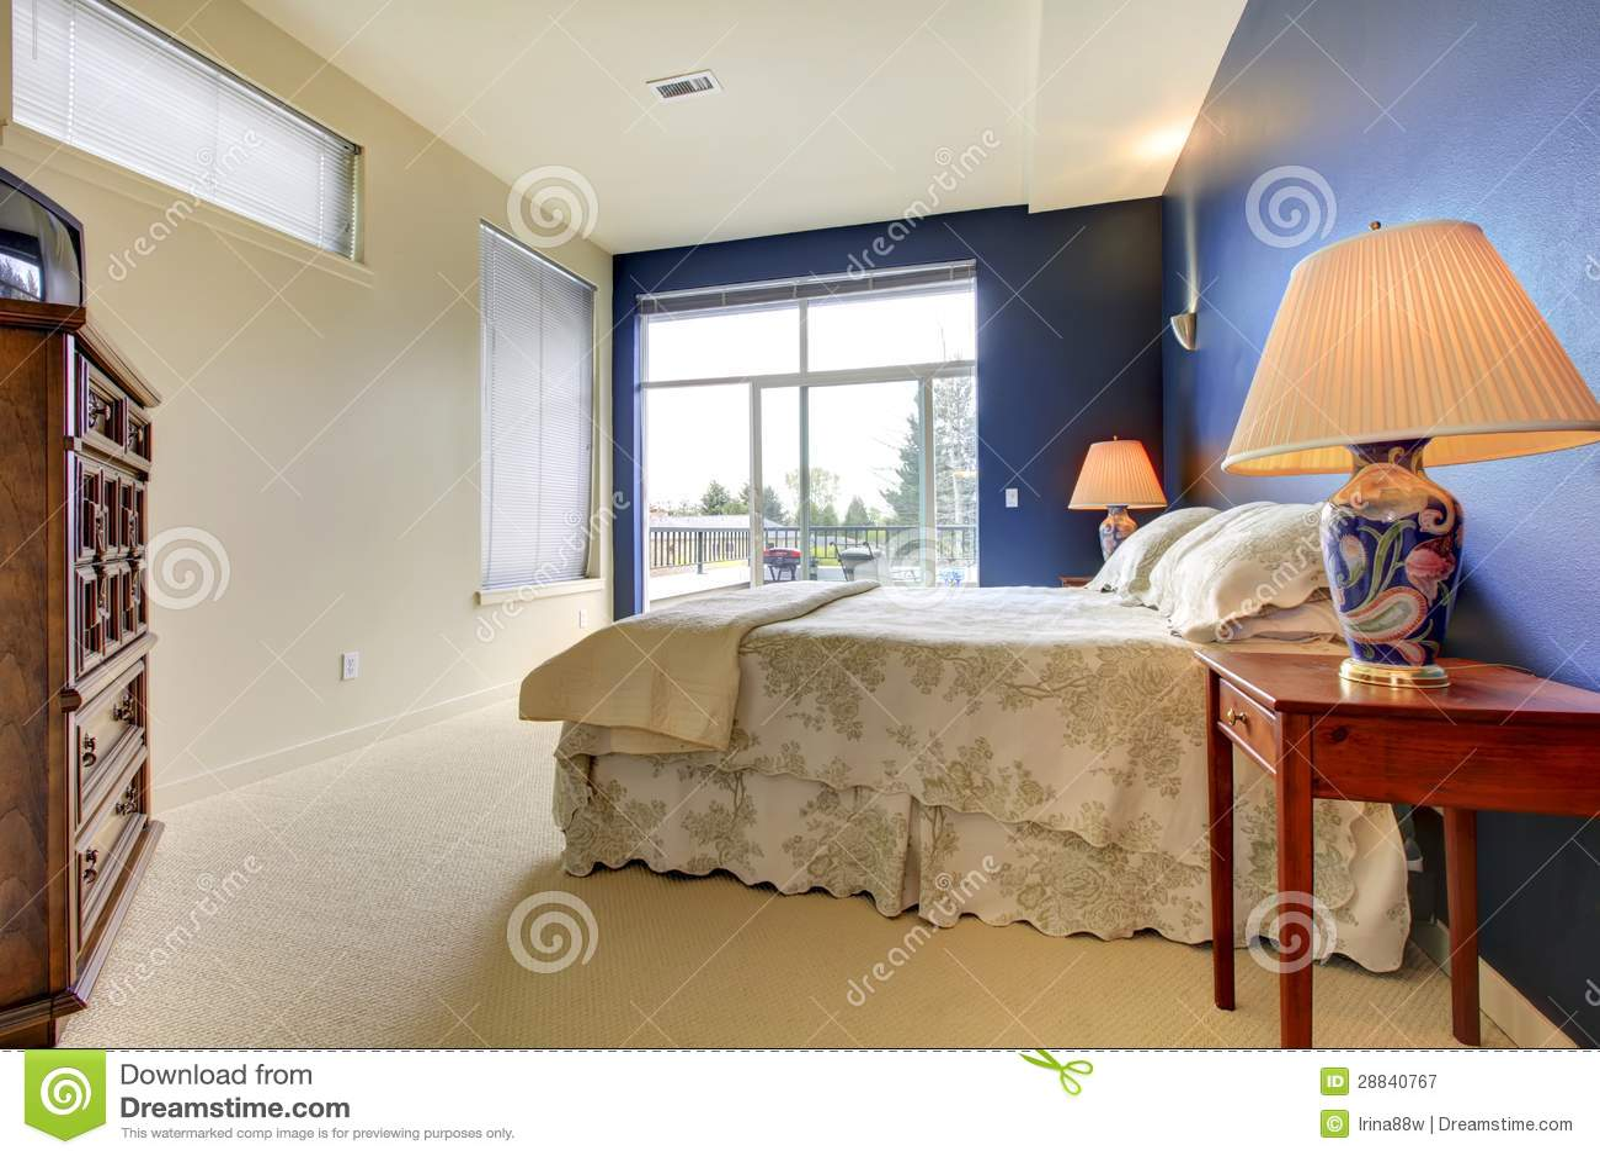 Camera da letto con la parete blu e le lampade asiatiche - Parete colorata camera da letto ...